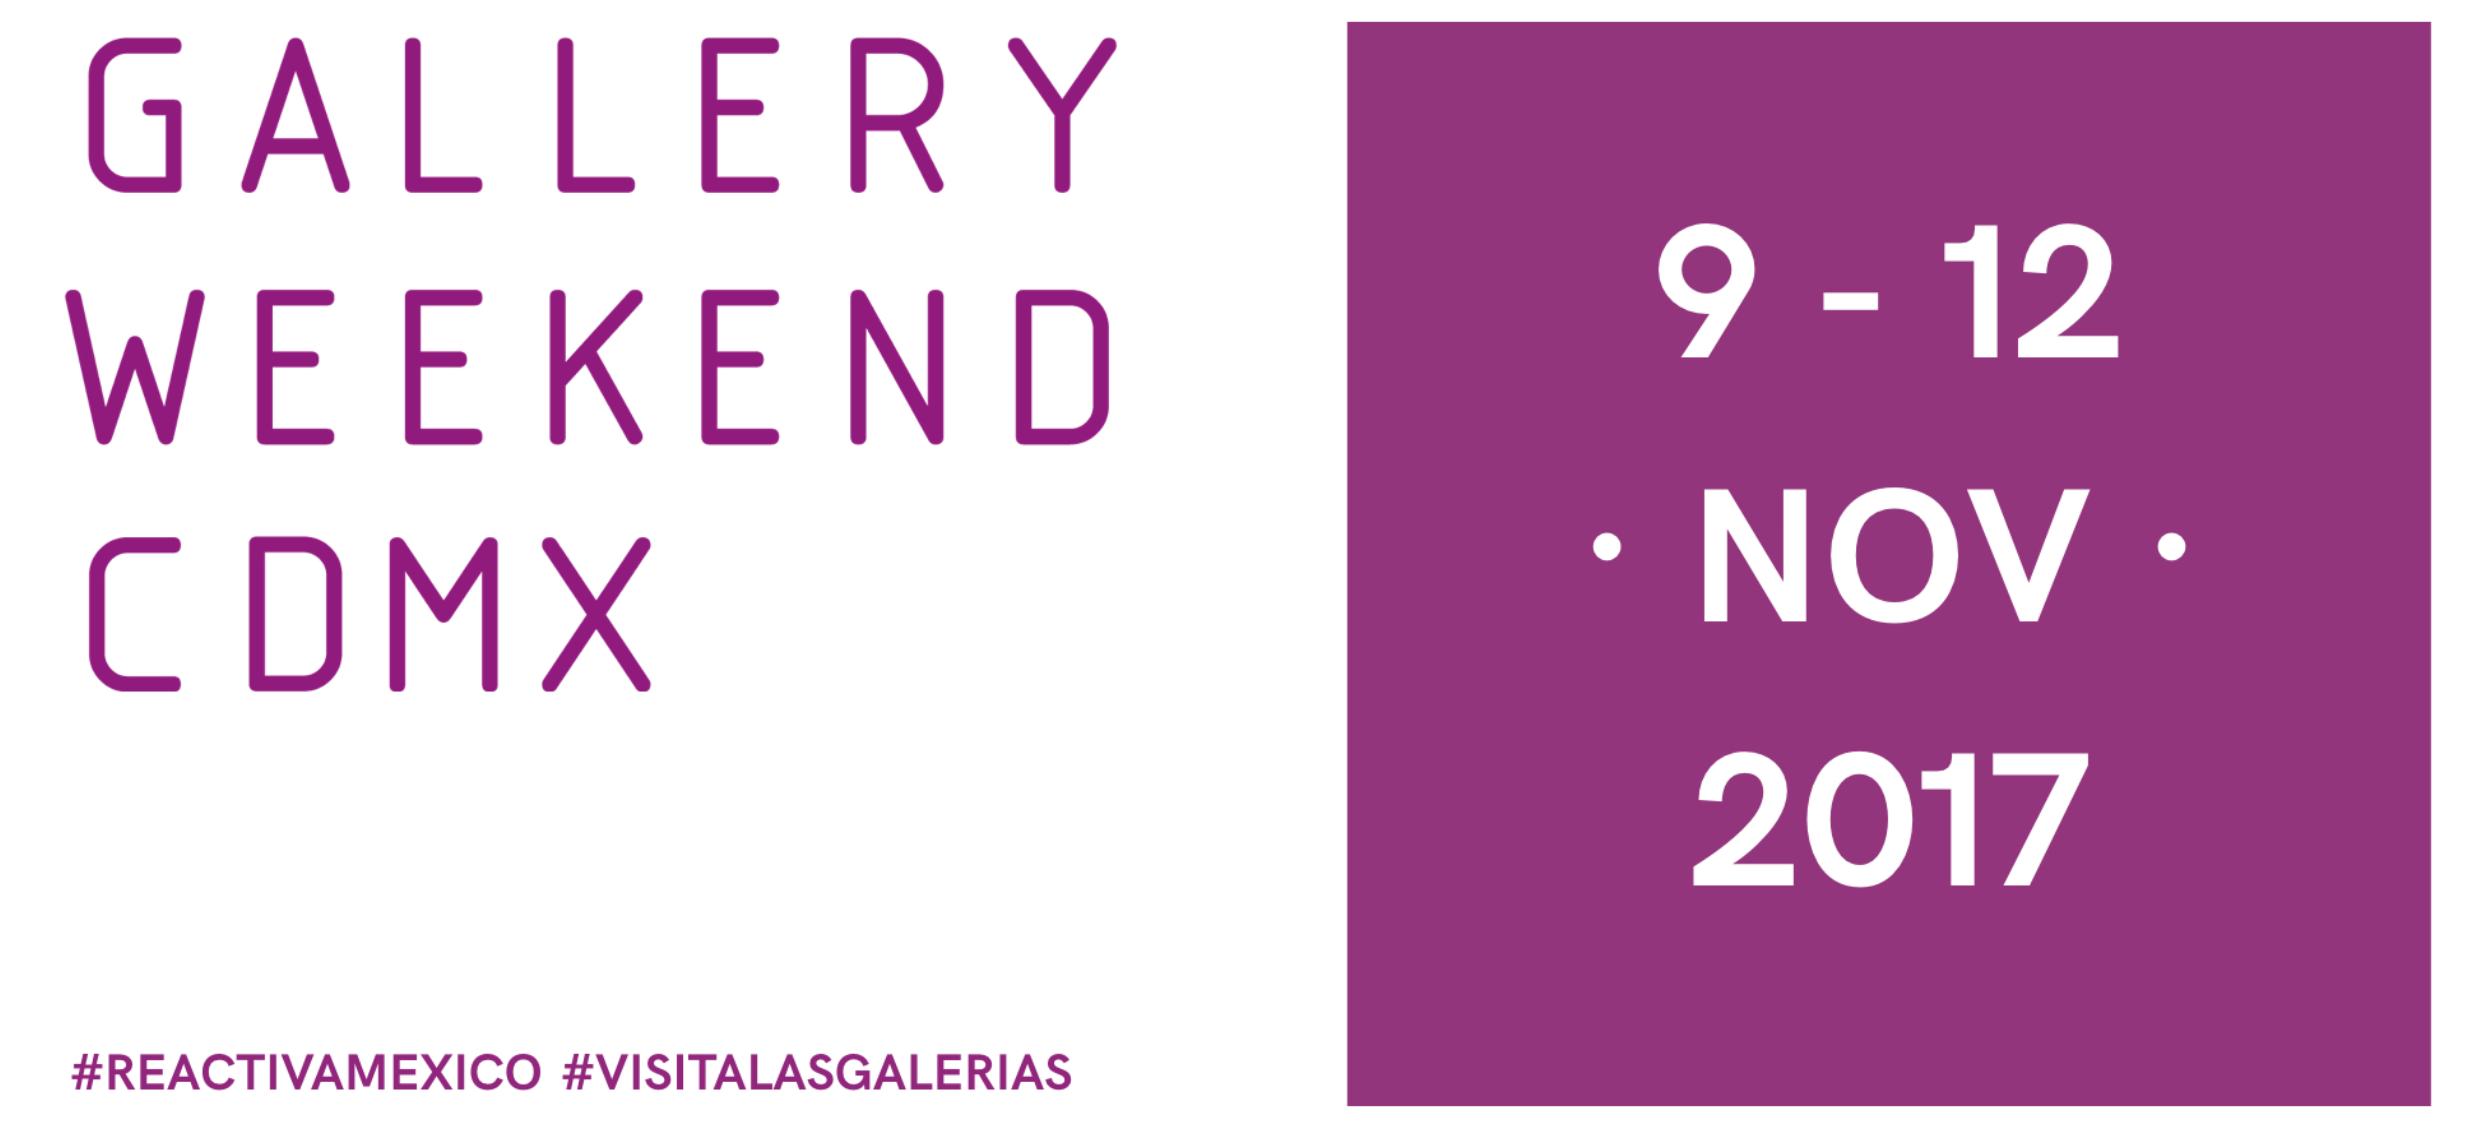 Gallery Weekend 2017 Beatriz Morales.png